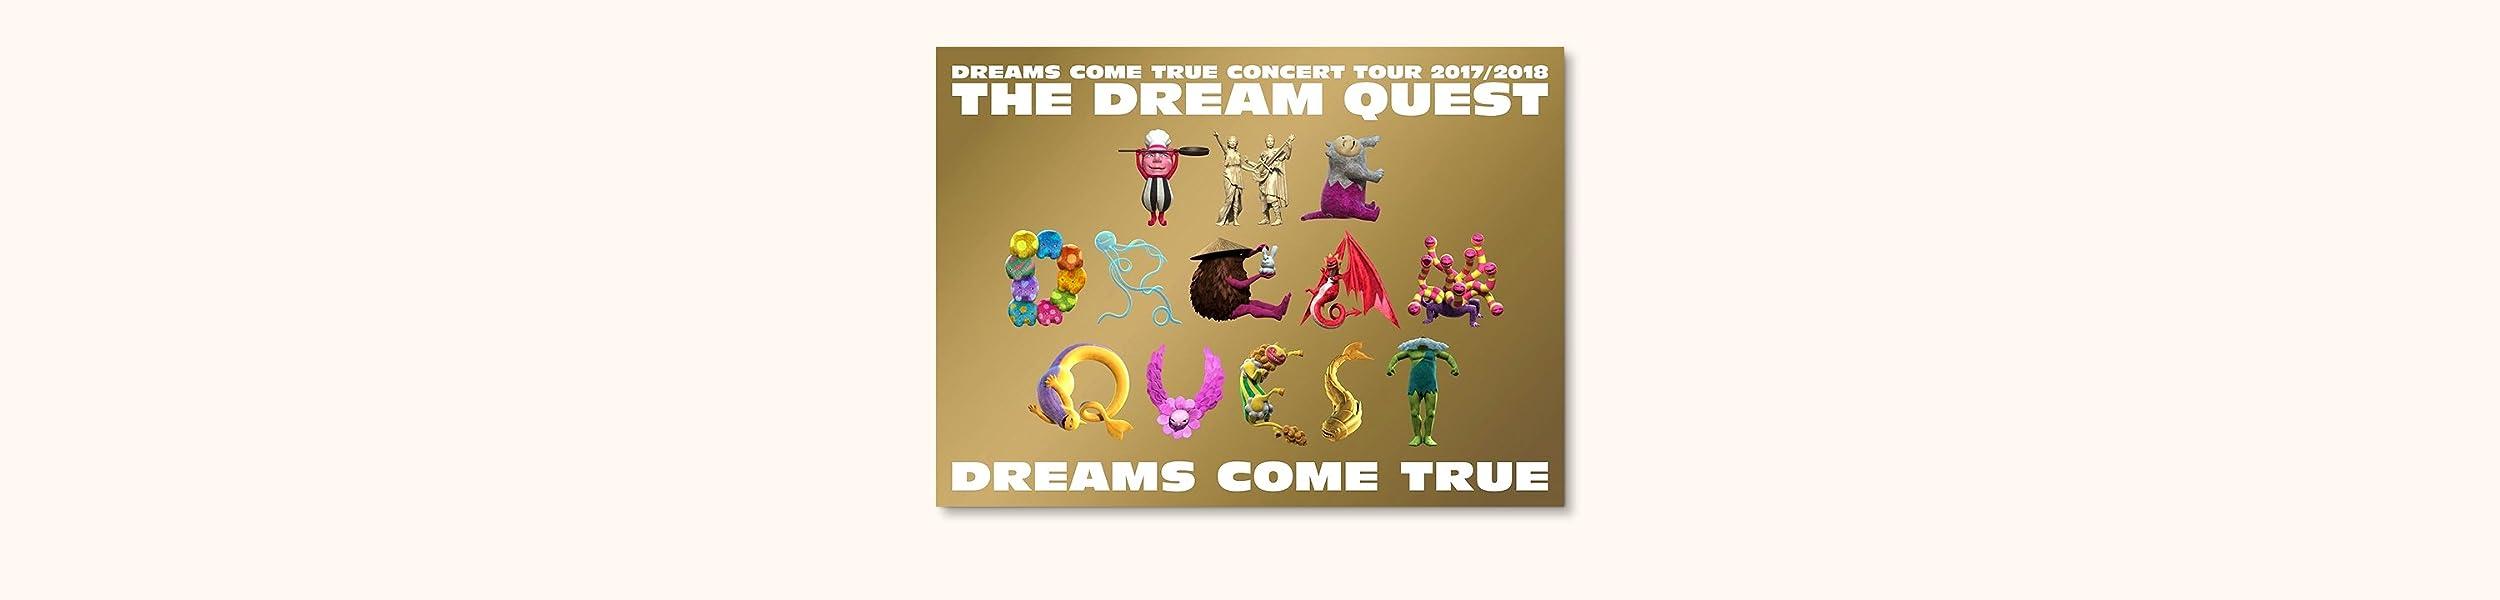 『DREAMS COME TRUE CONCERT TOUR 2017/2018 -THE DREAM QUEST-』